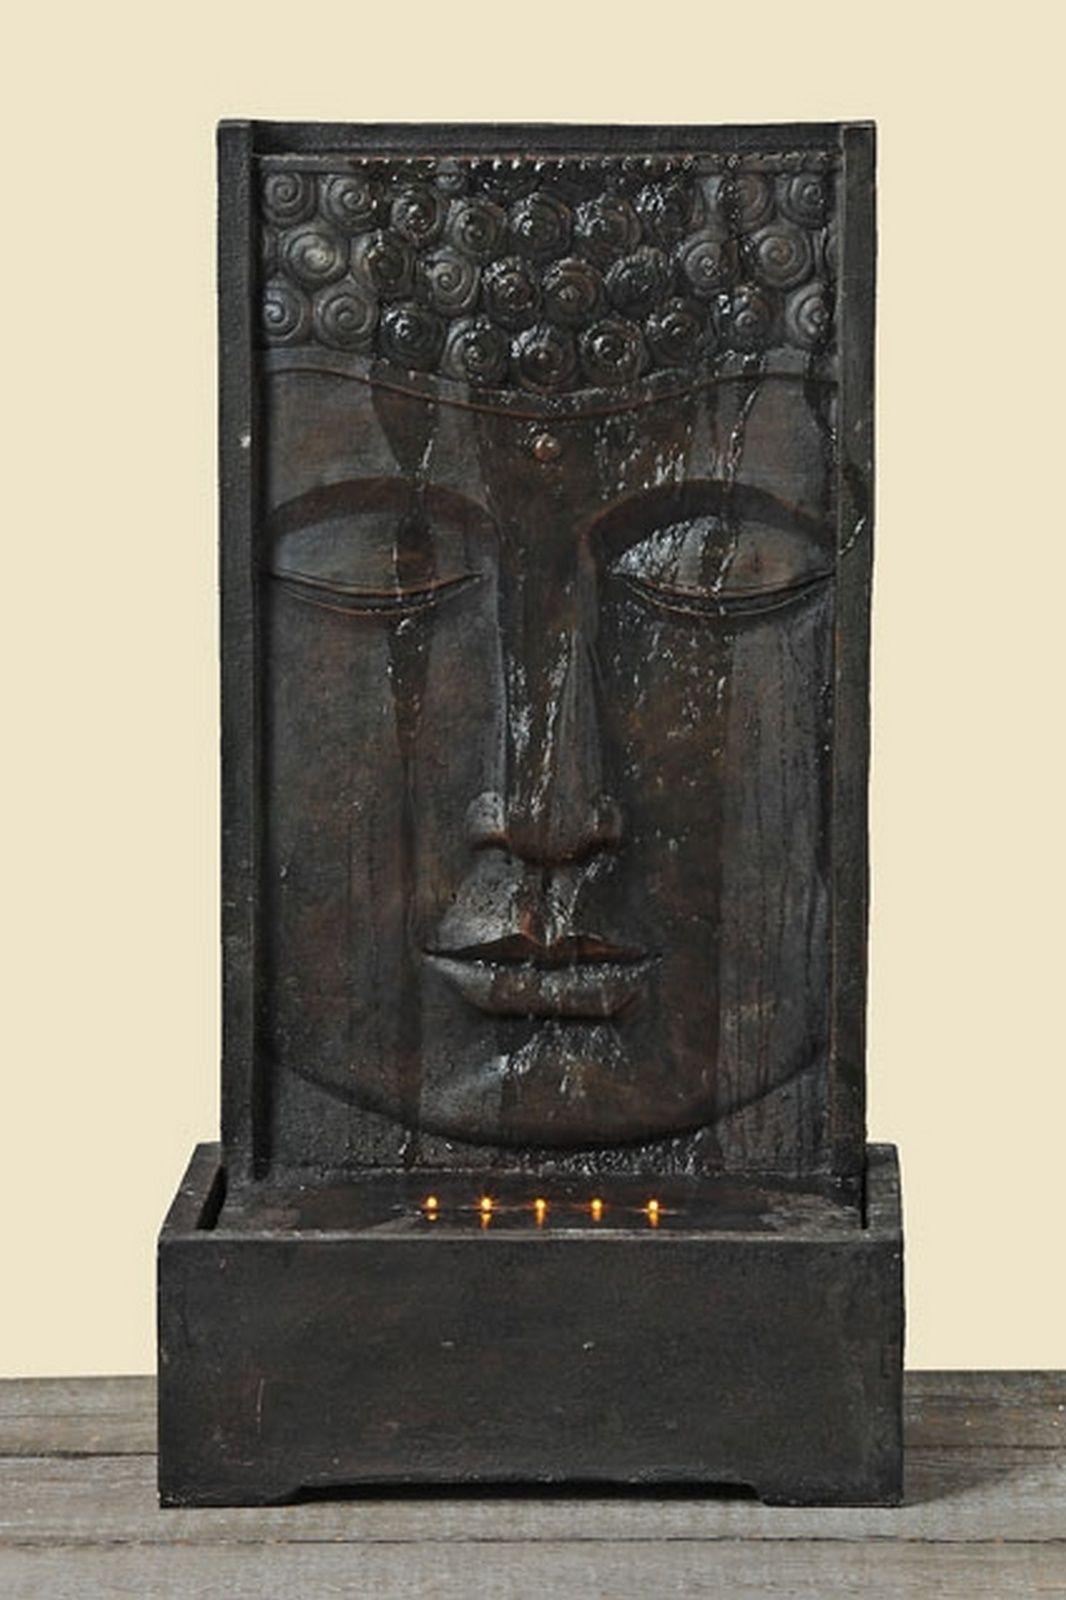 Brunnen Wasserfall Buddha Kopf Mit Led Beleuchtung Buddha Kopf Brunnen Buddha